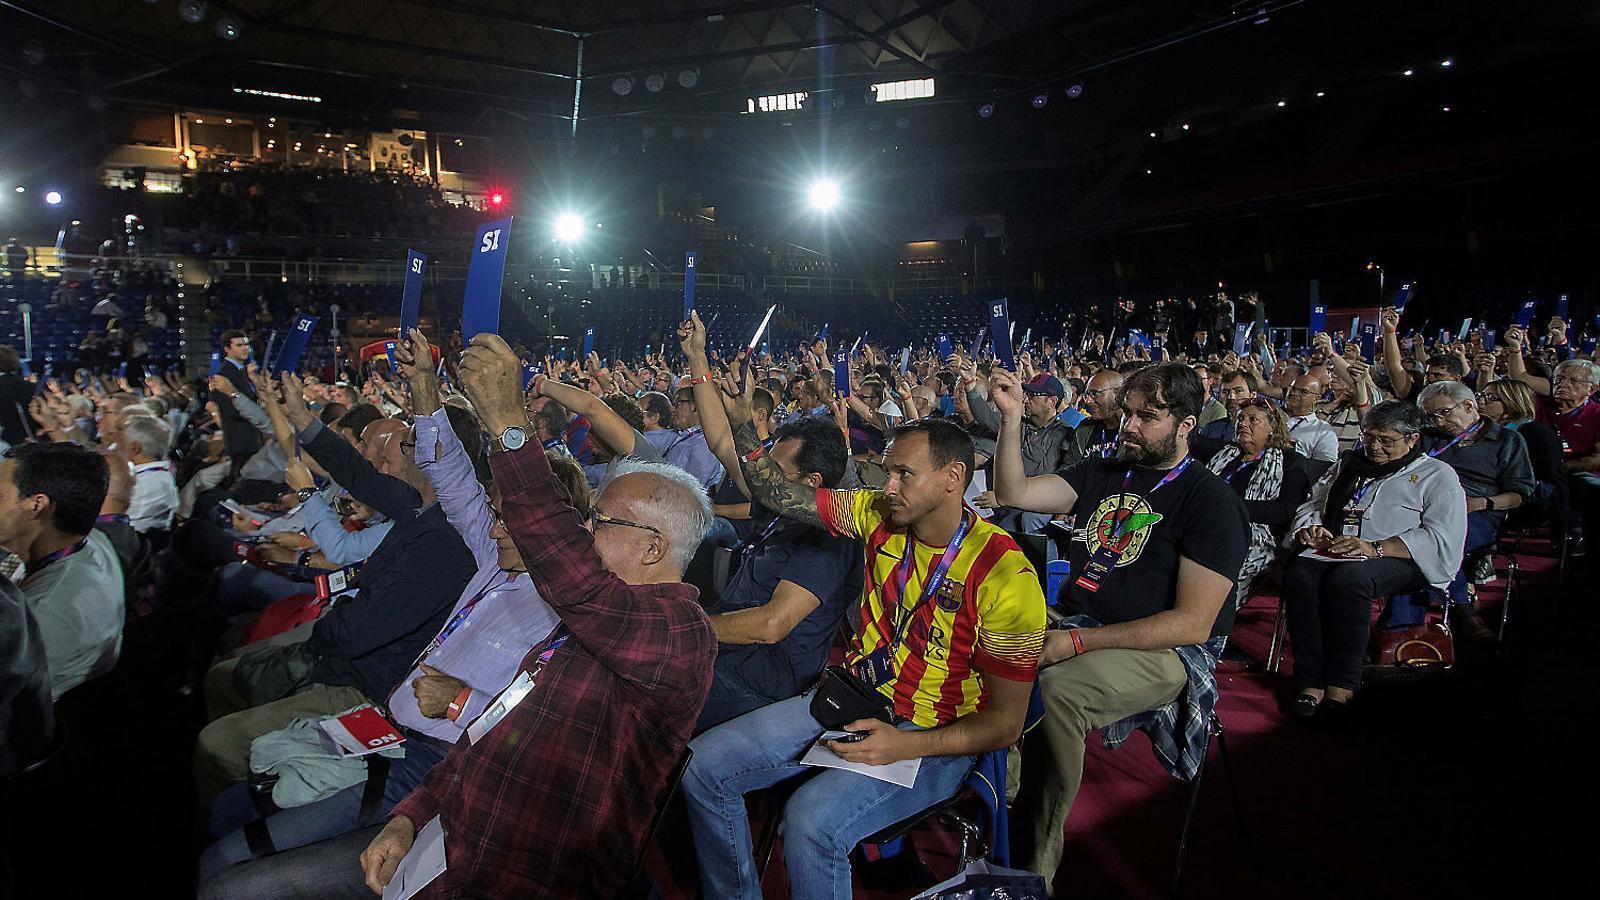 El 60% dels compromissaris del Barça van avalar el vot electrònic, però la proposta no es va aprovar perquè calien dos terços dels suports.